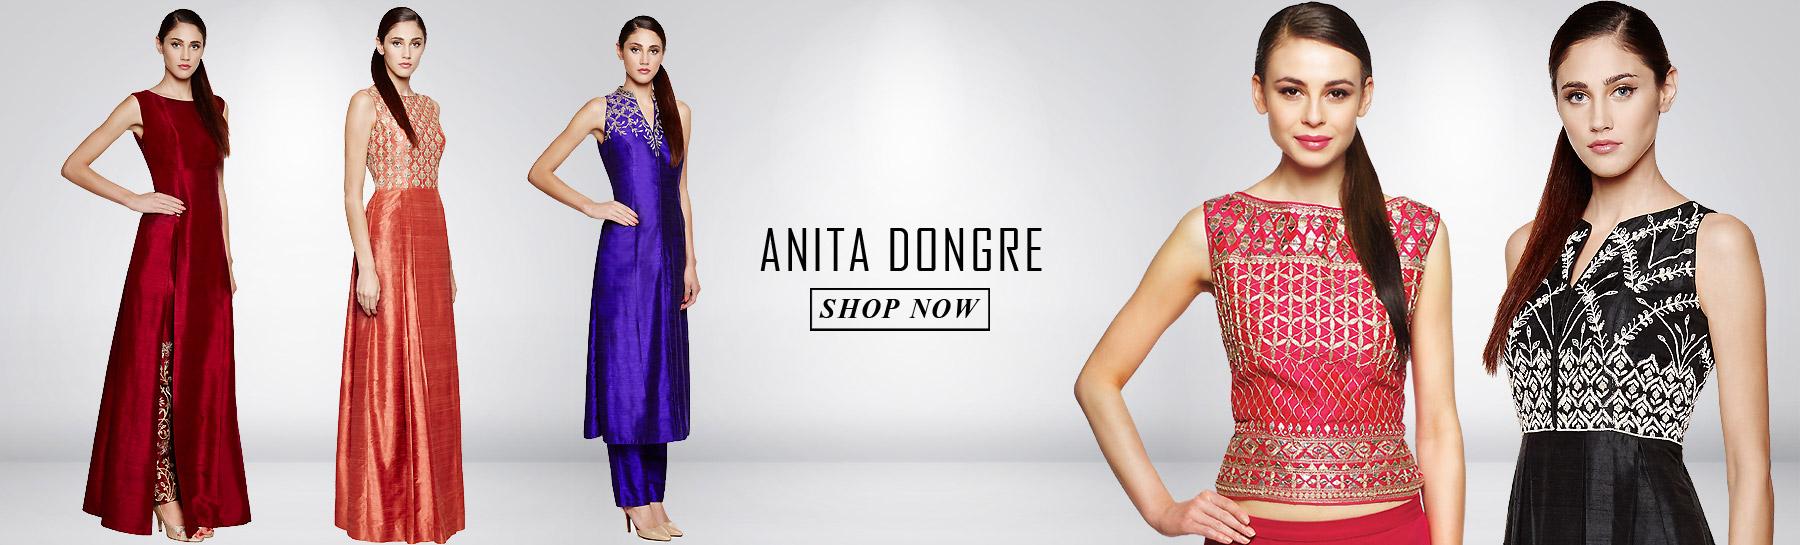 Anita Dongre